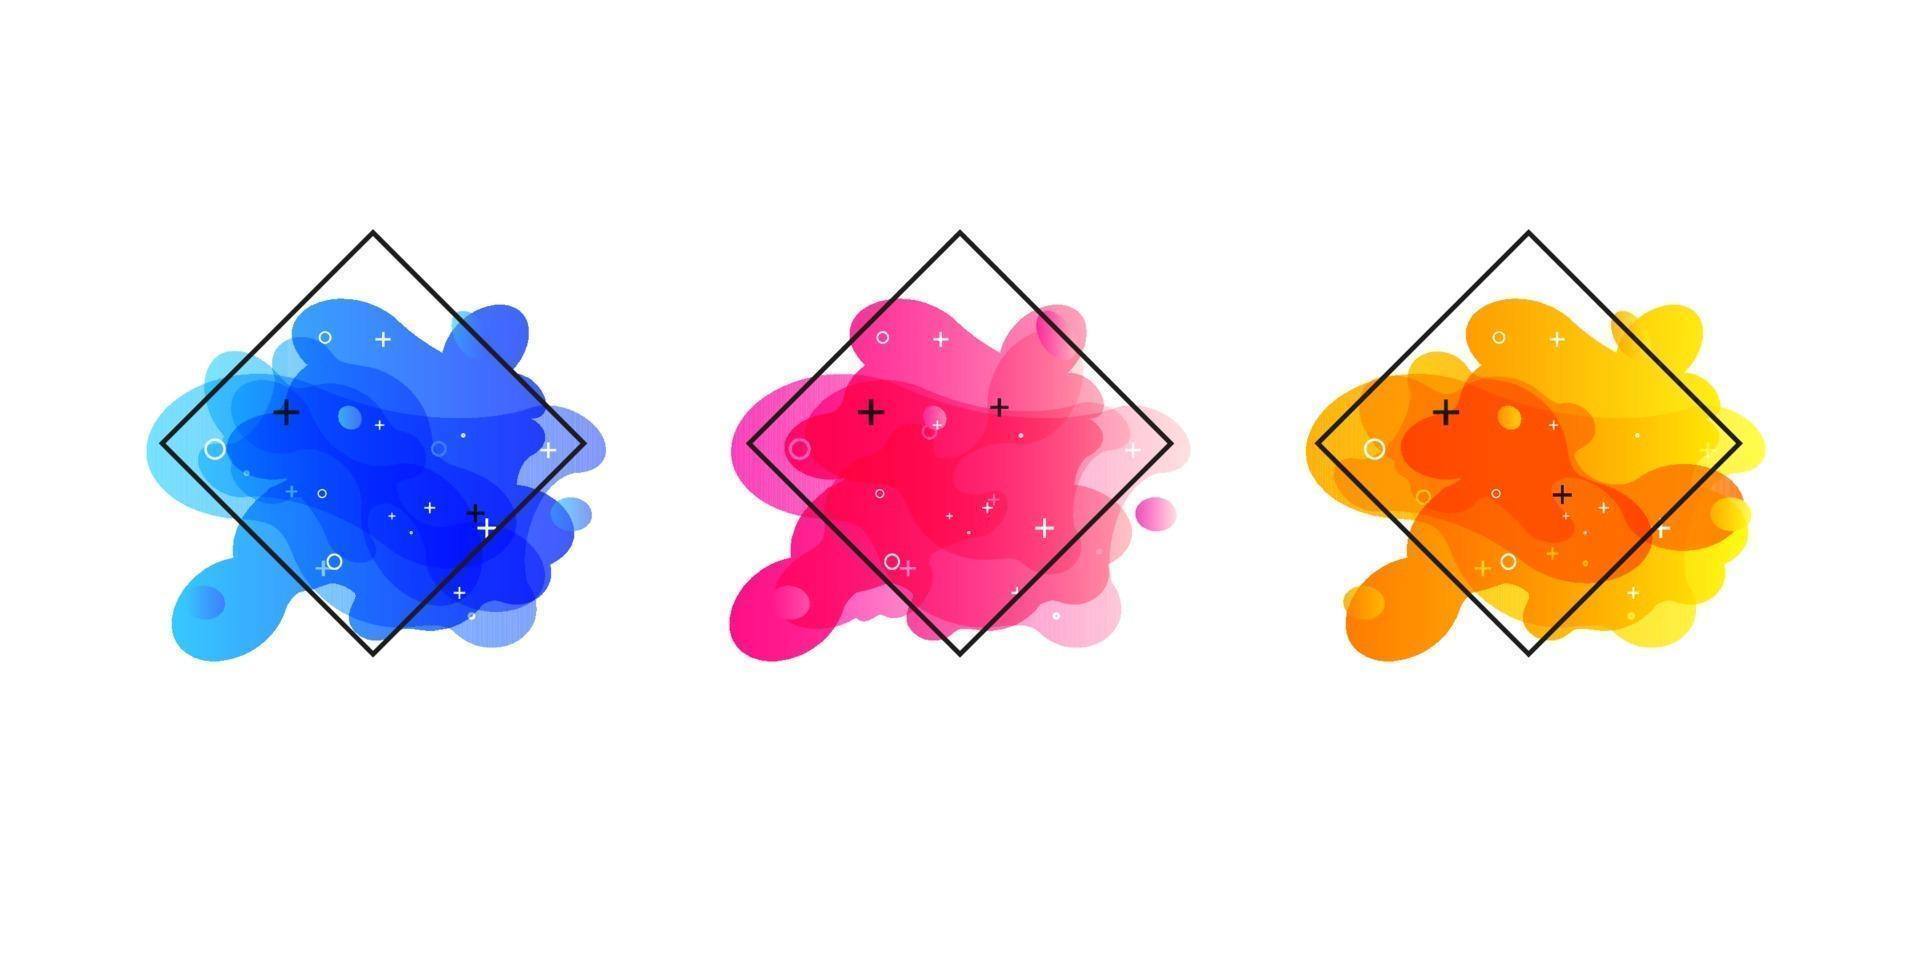 gradiënt geometrische banners met vloeiende vloeibare vormen. dynamisch vloeiend ontwerp voor logo, flyers of presentatie. abstracte vector achtergrond